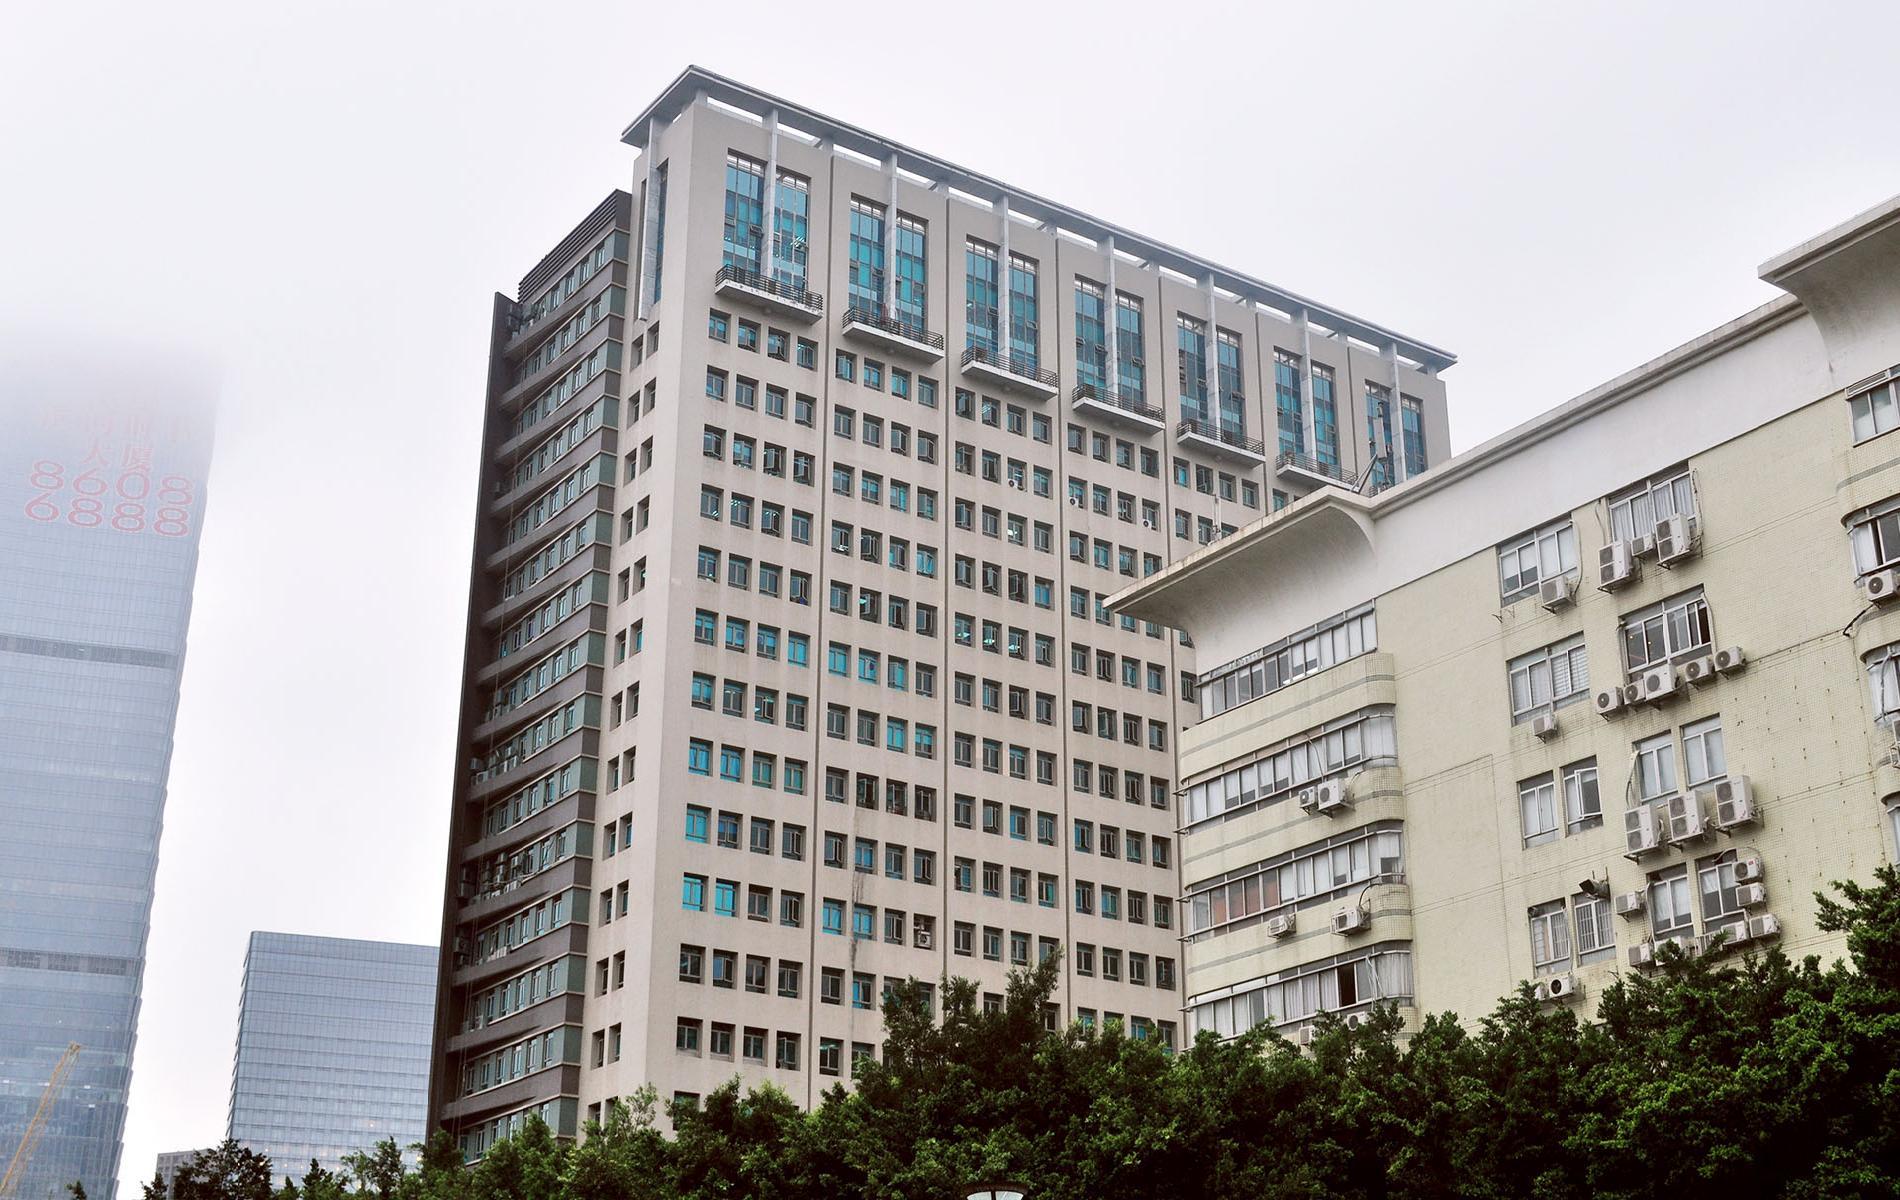 苍松大厦写字楼出租/招租/租赁,苍松大厦办公室出租/招租/租赁